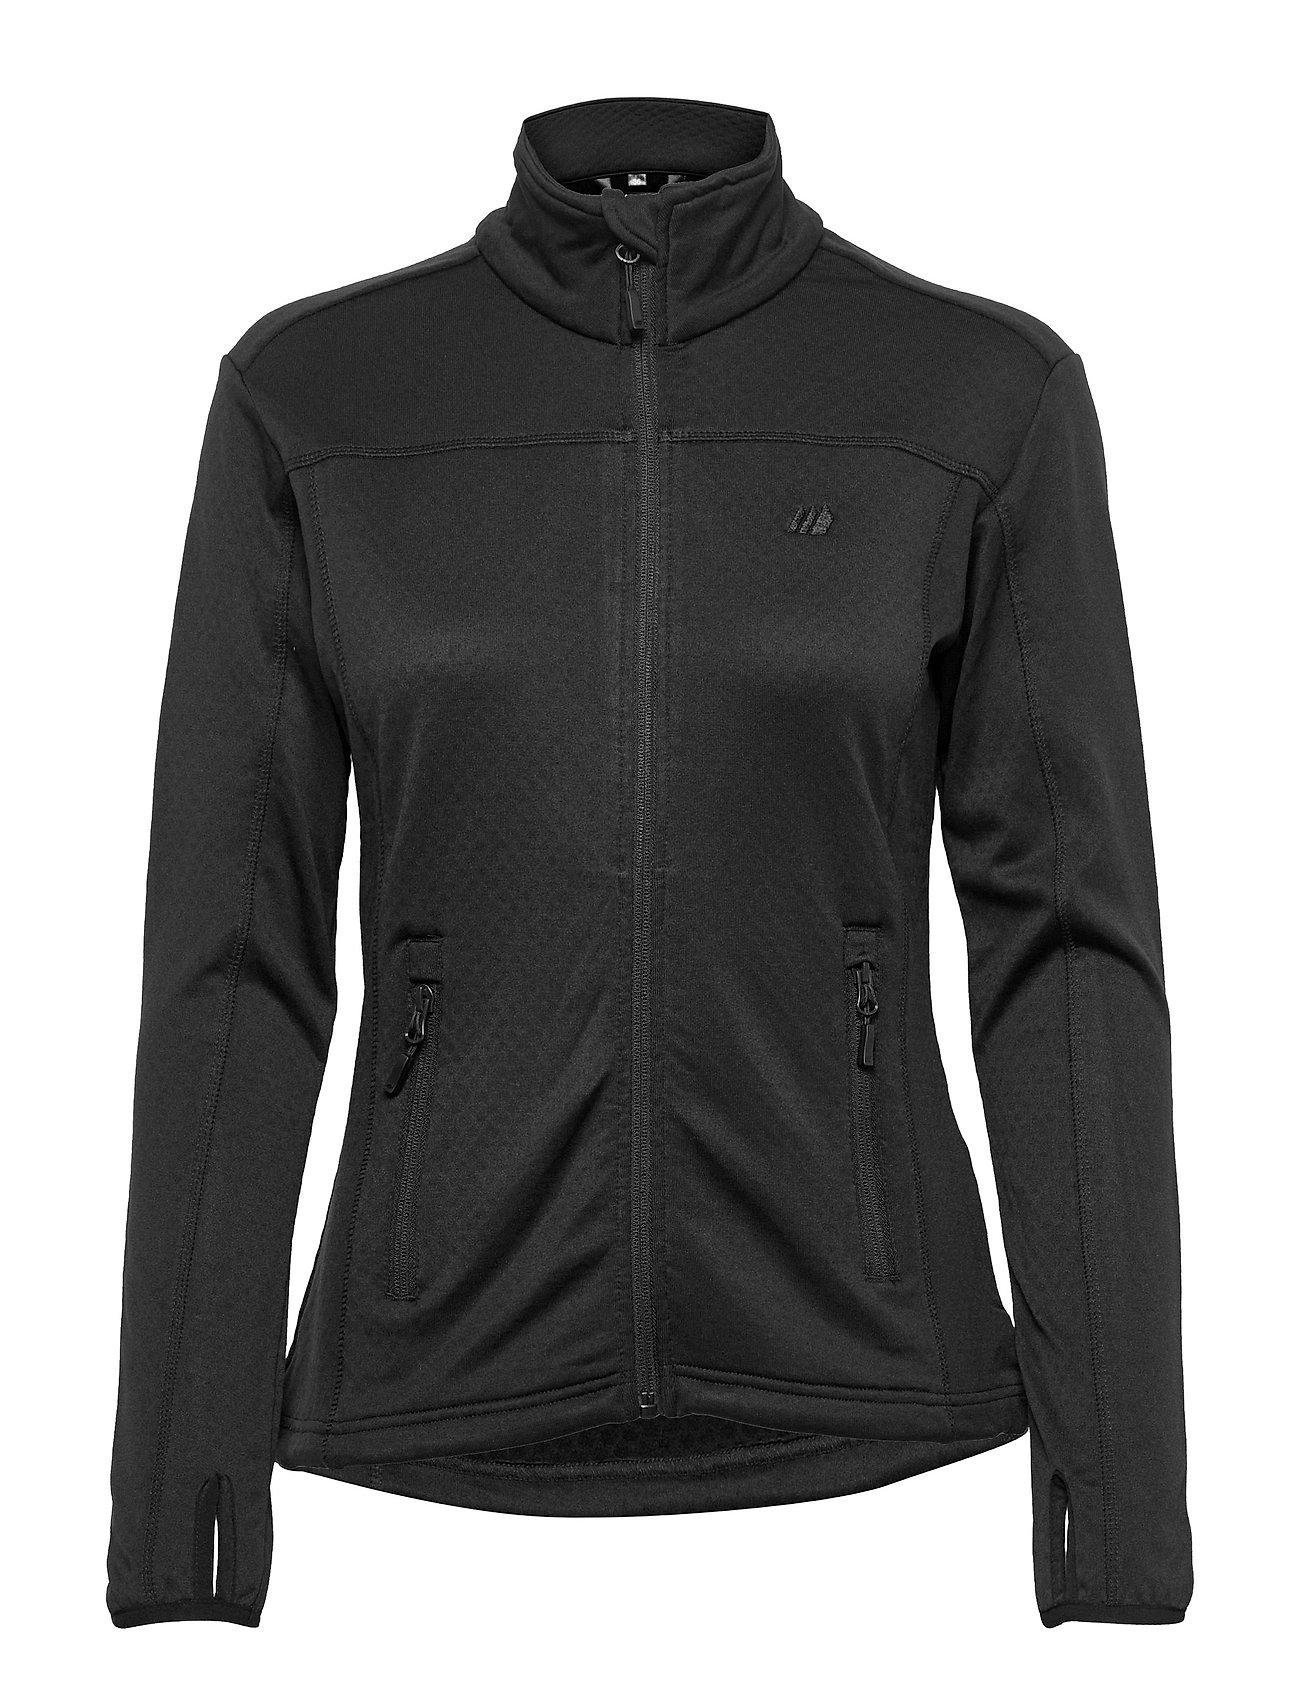 RøD Technical Fleece Jacket Outerwear Sport Jackets Sort Skogstad